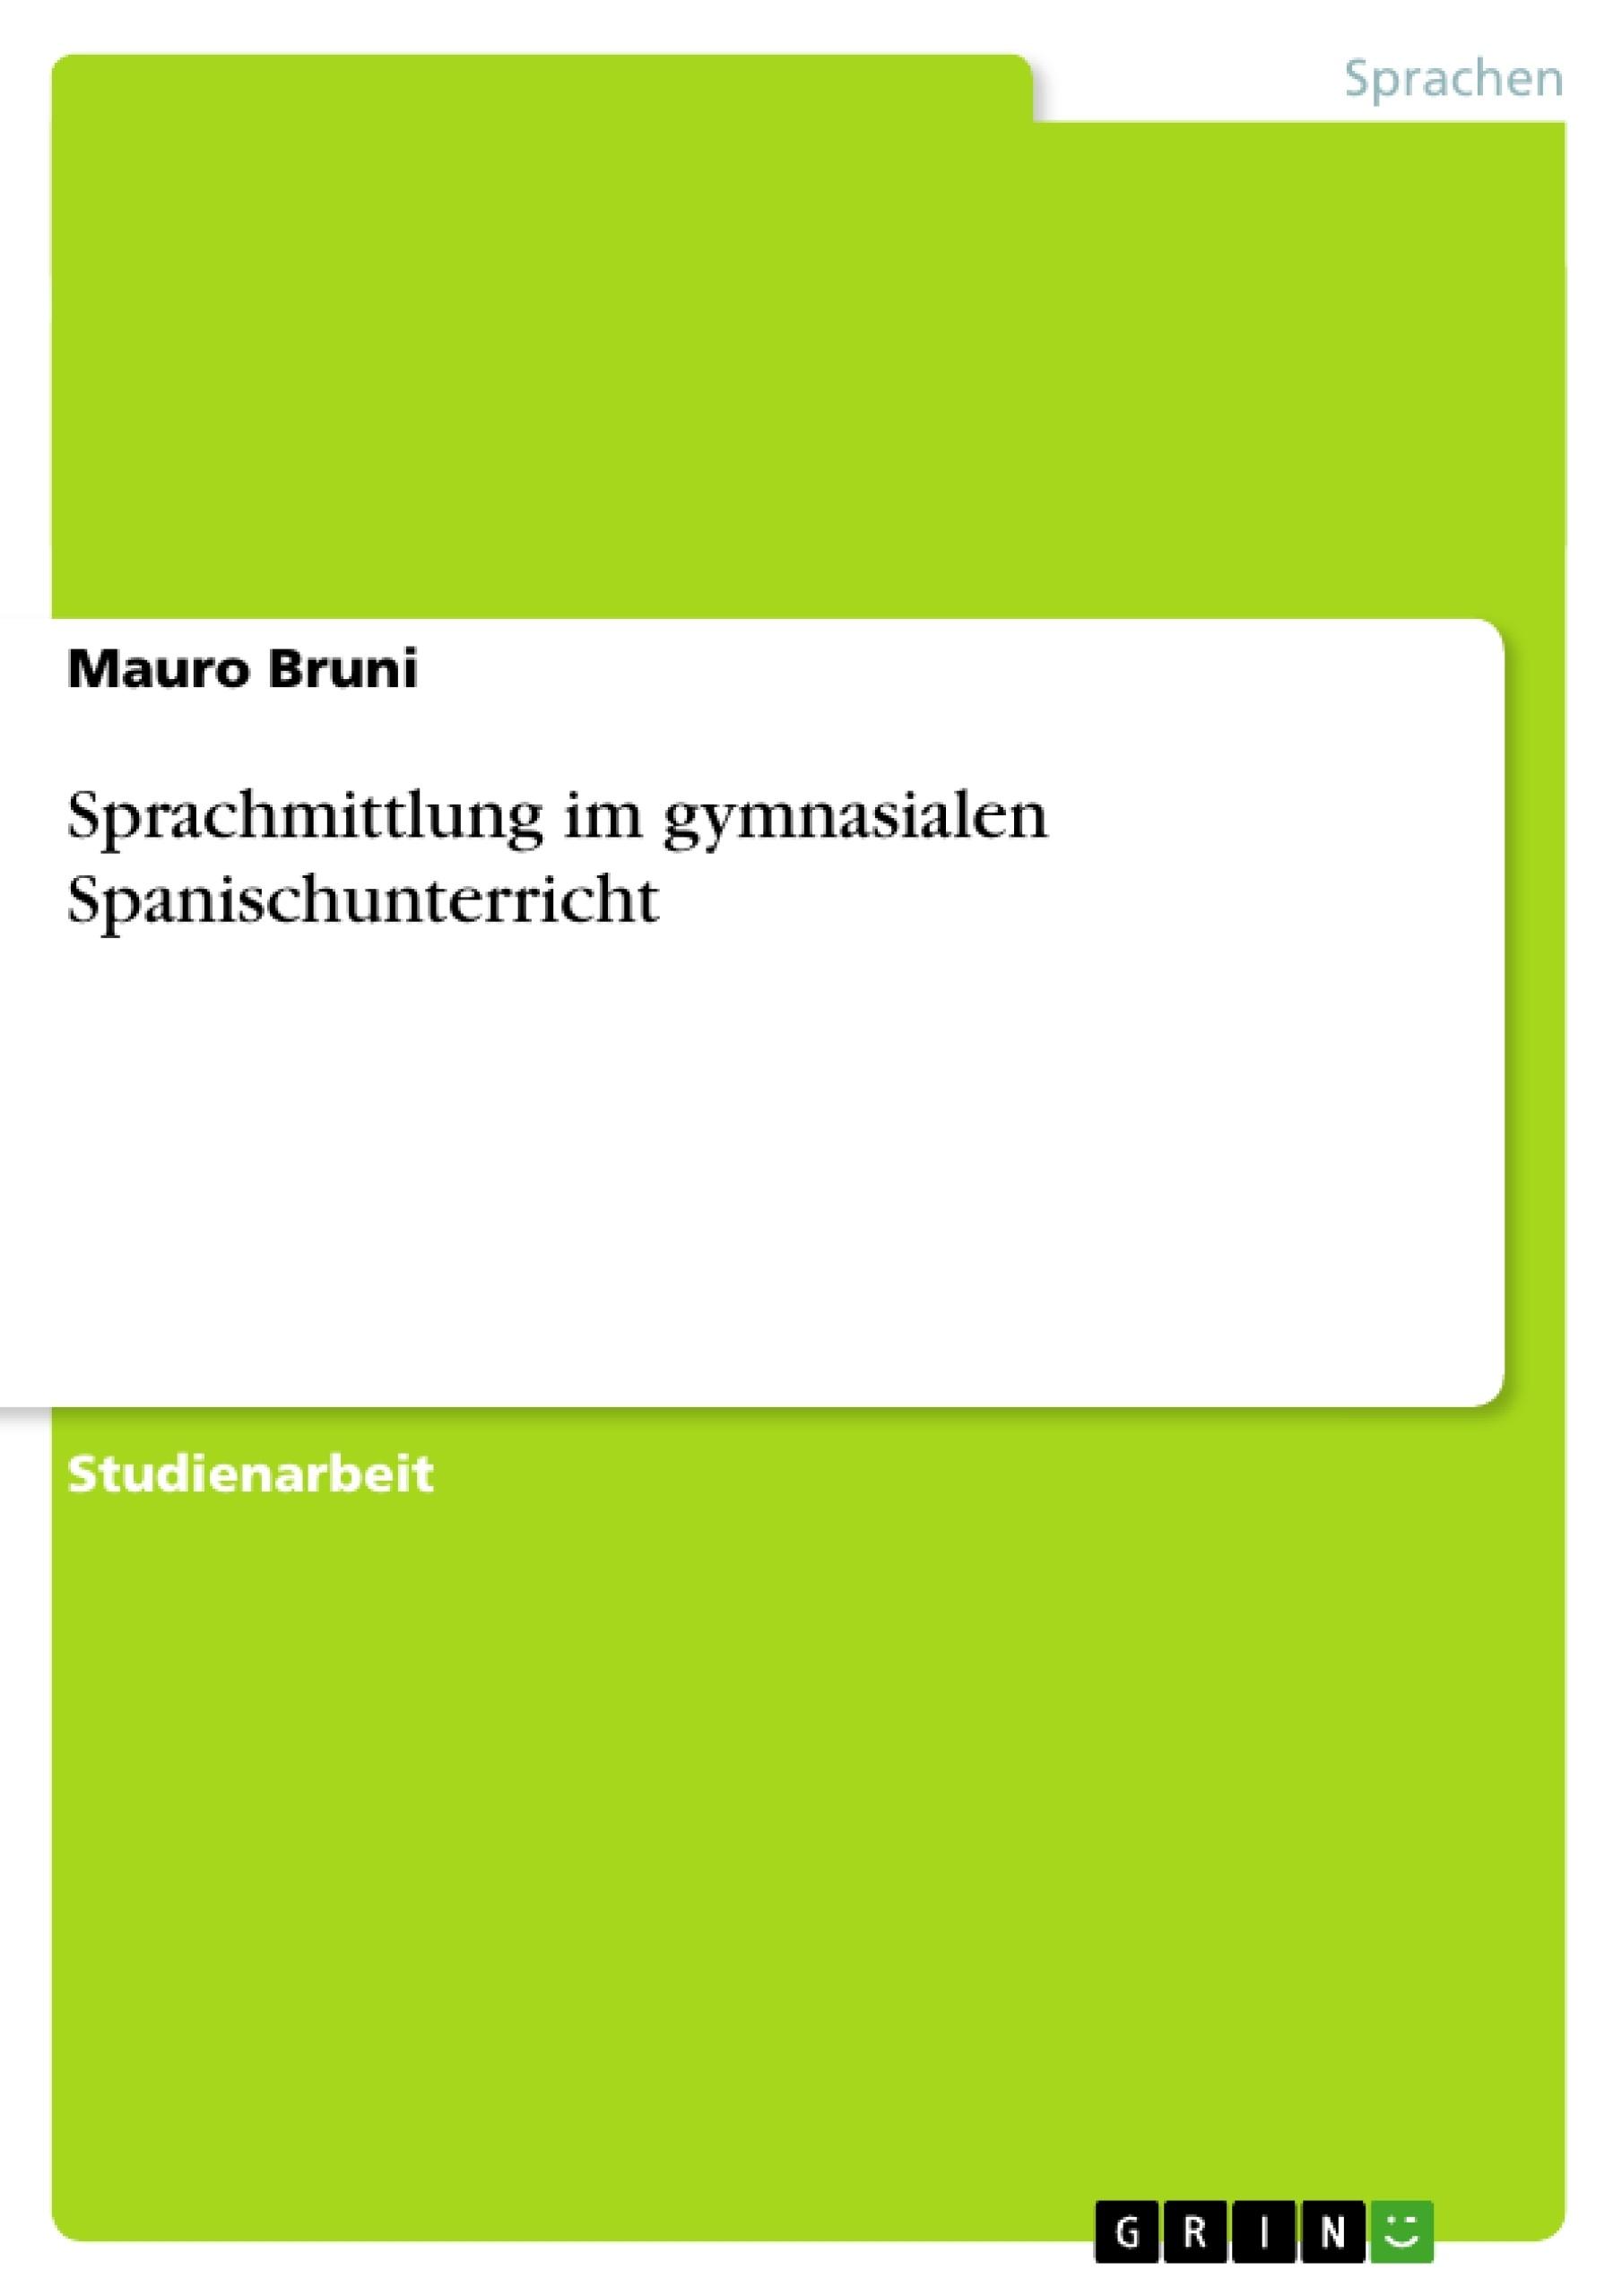 Titel: Sprachmittlung im gymnasialen Spanischunterricht